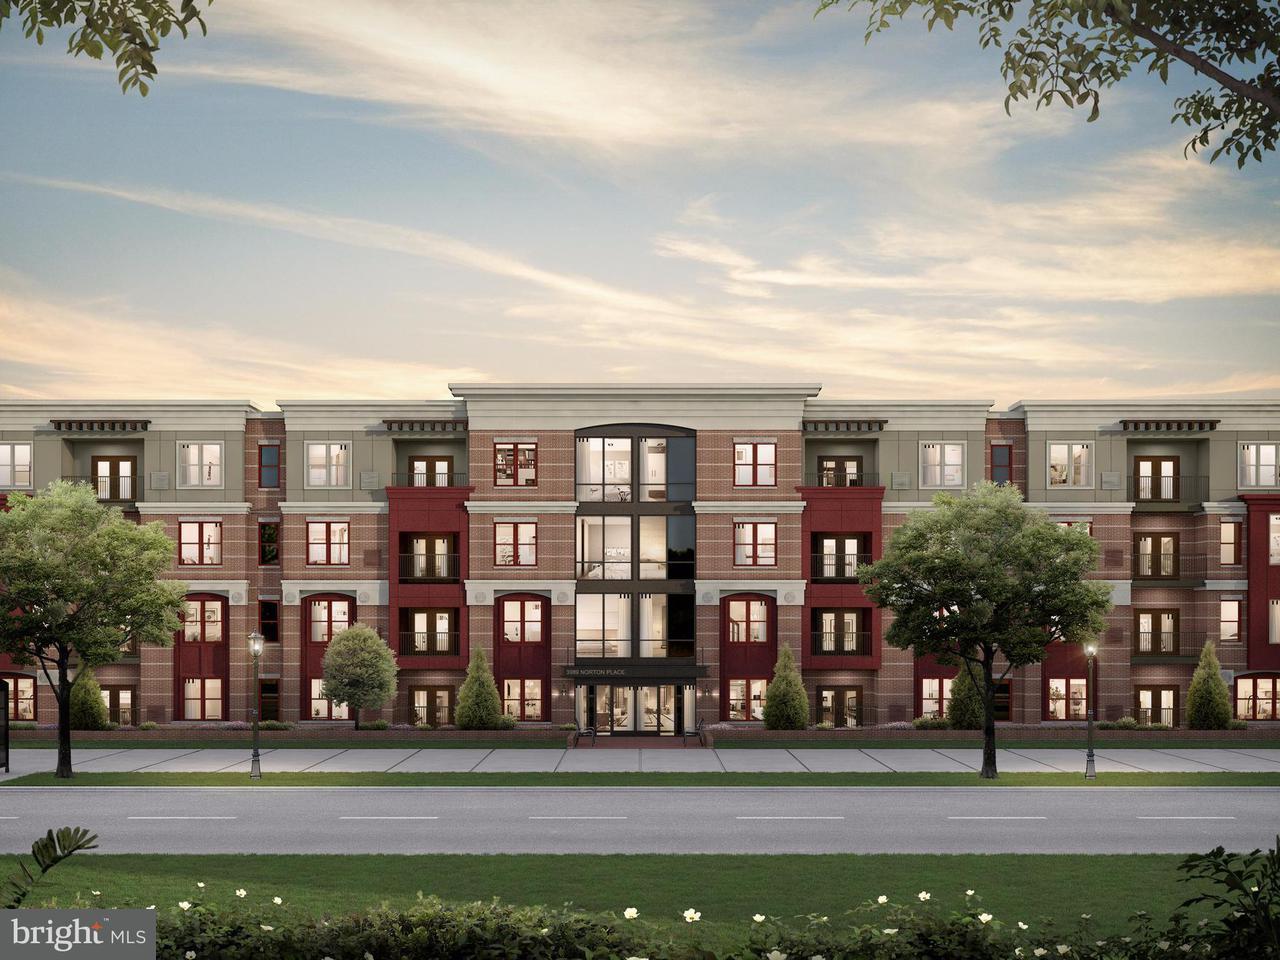 Appartement en copropriété pour l Vente à 3985 NORTON PL #20701 3985 NORTON PL #20701 Fairfax, Virginia 22030 États-Unis